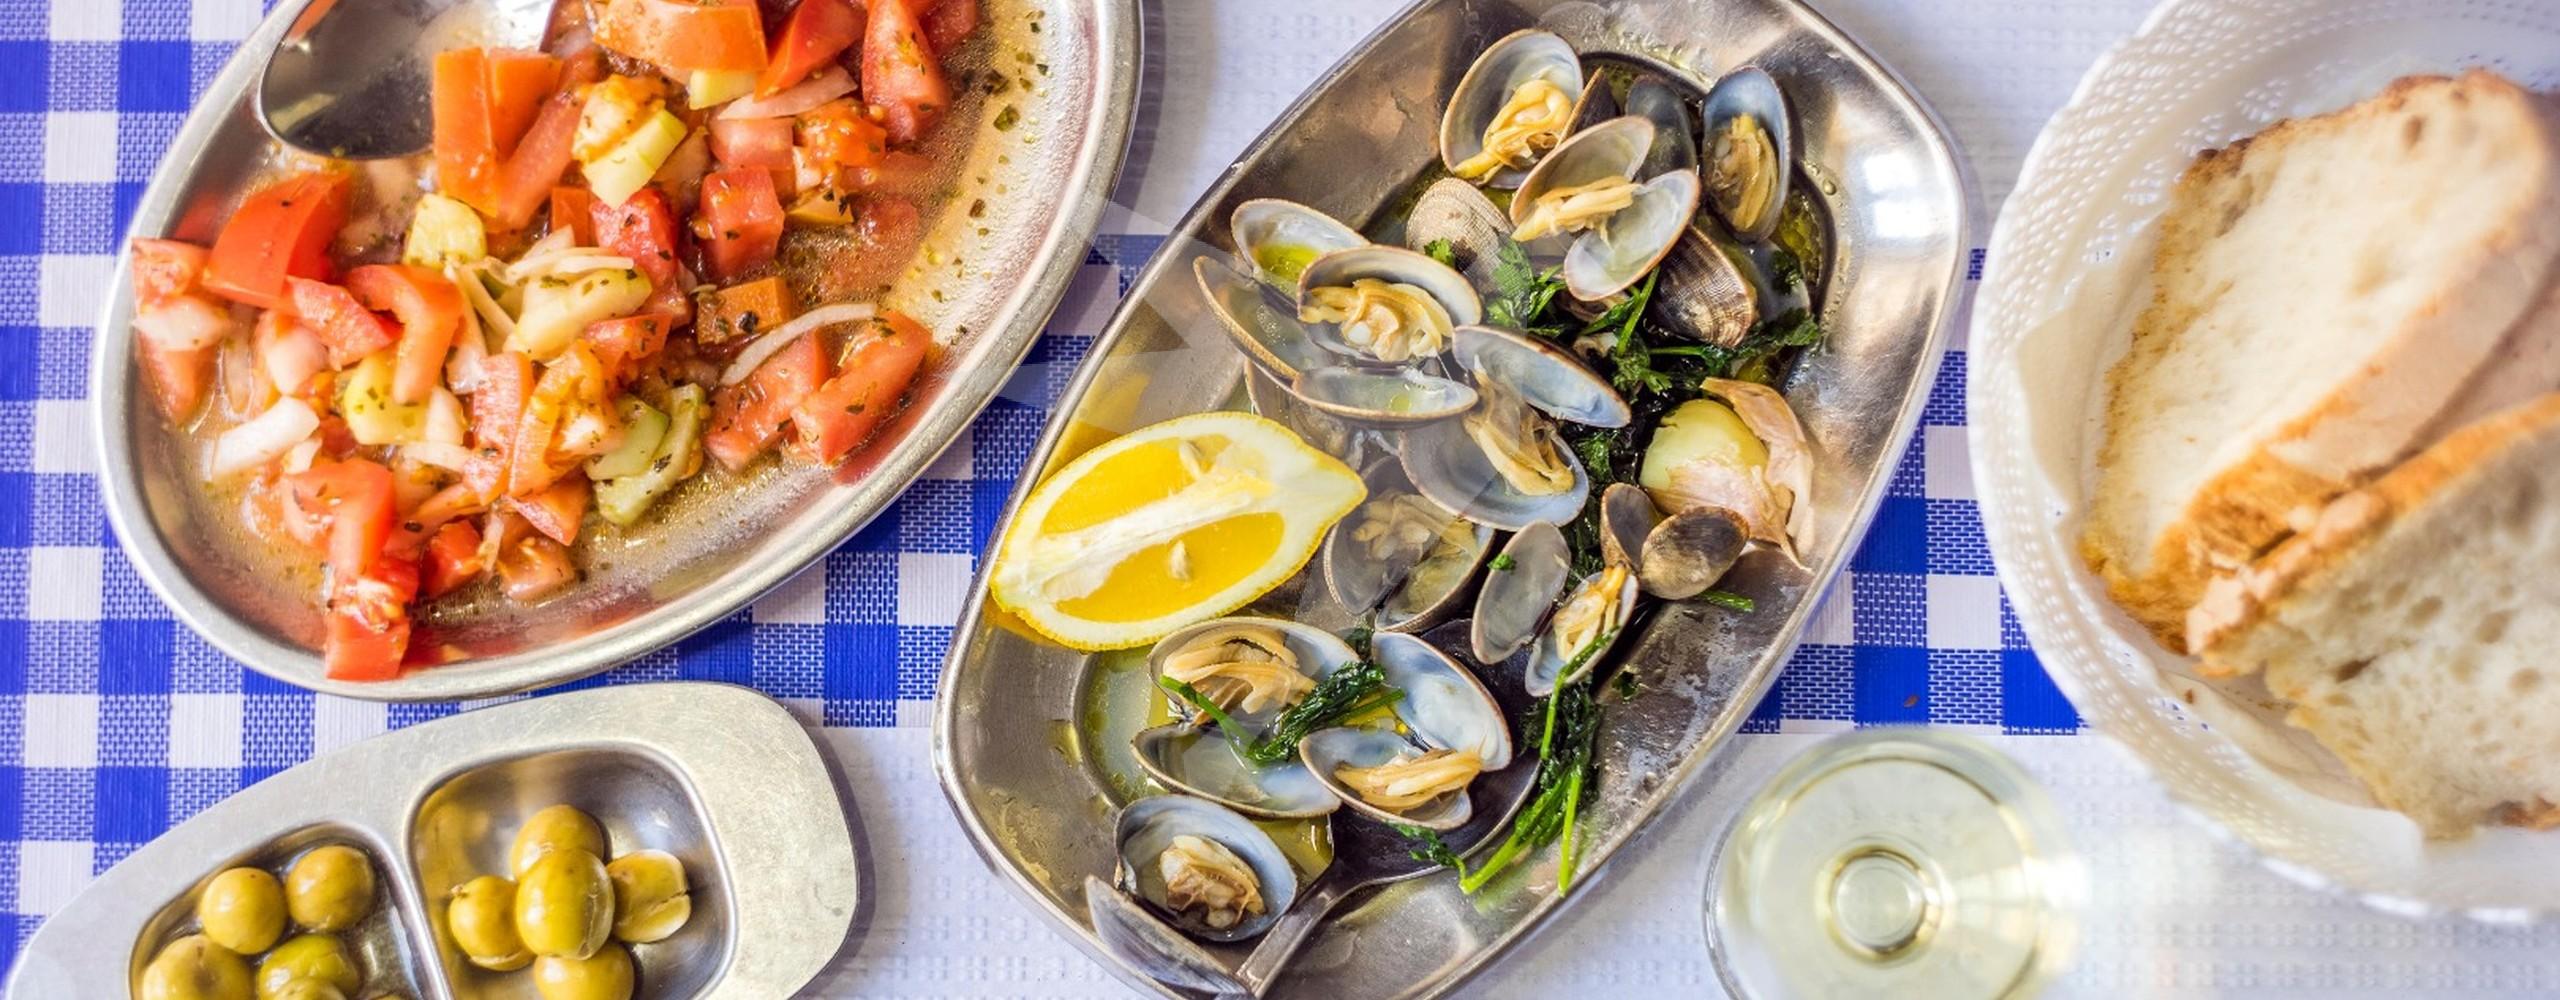 Algarve Cuisine - Blue Sky Villas